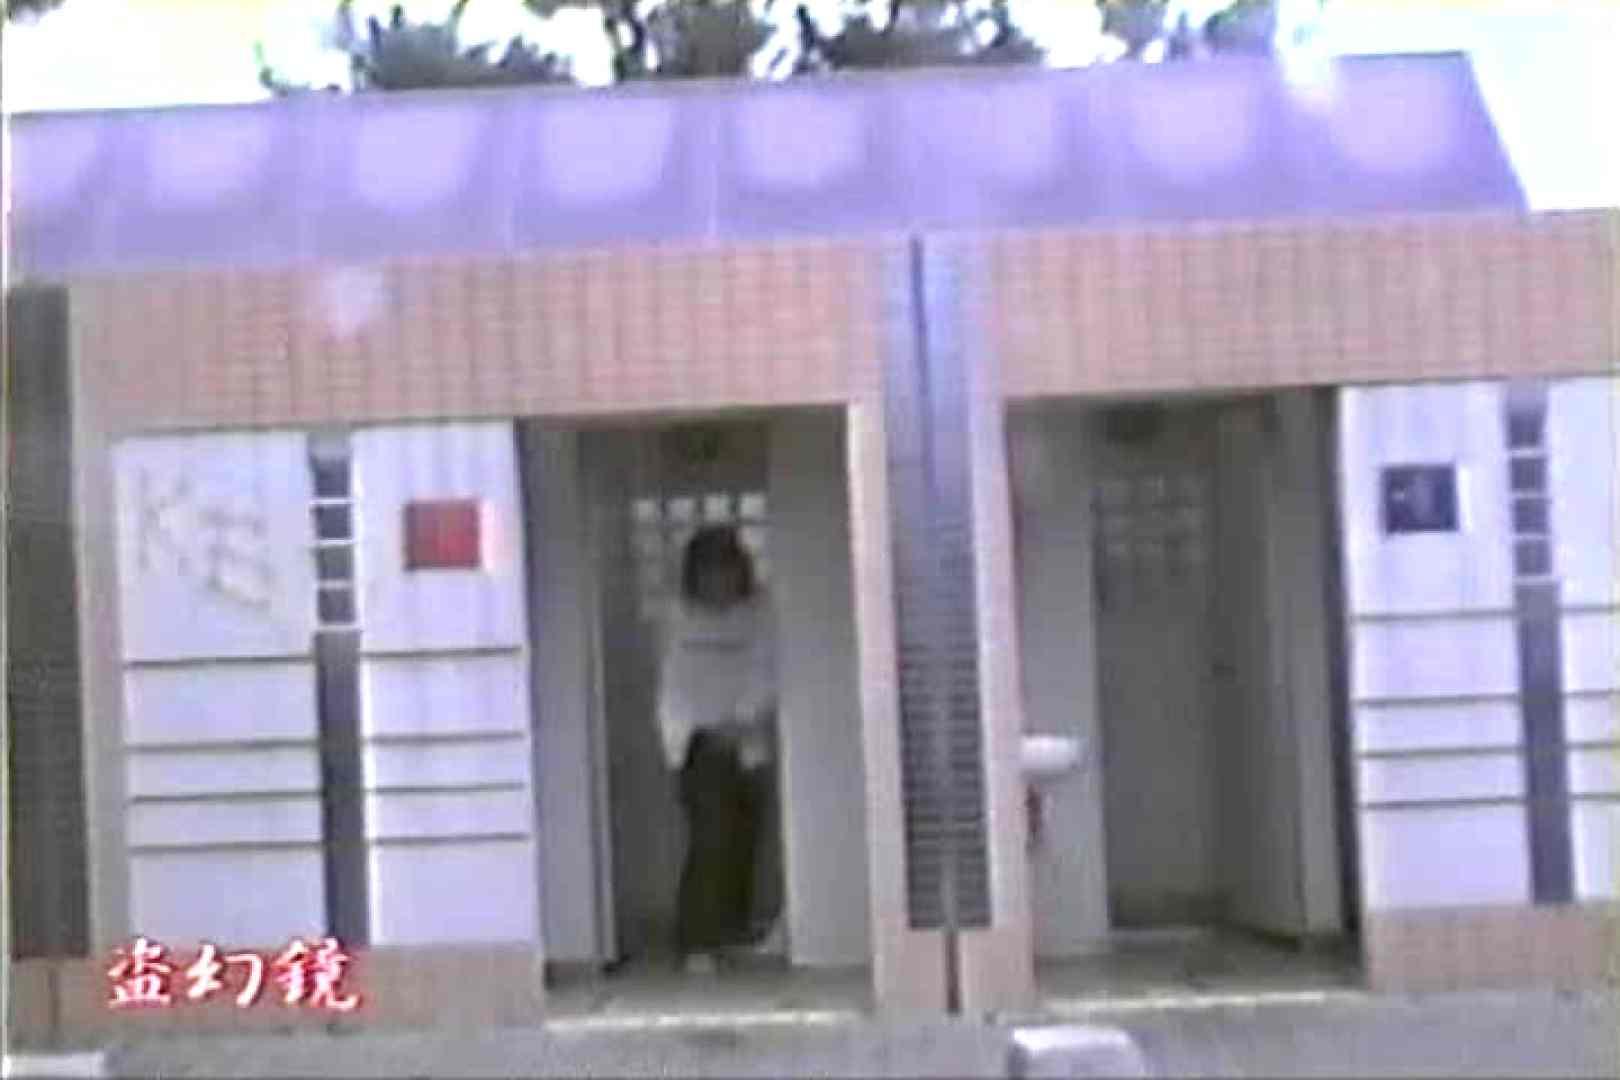 朝採り!快便臨海洗面所SFX-① 肛門 覗きオメコ動画キャプチャ 107画像 79